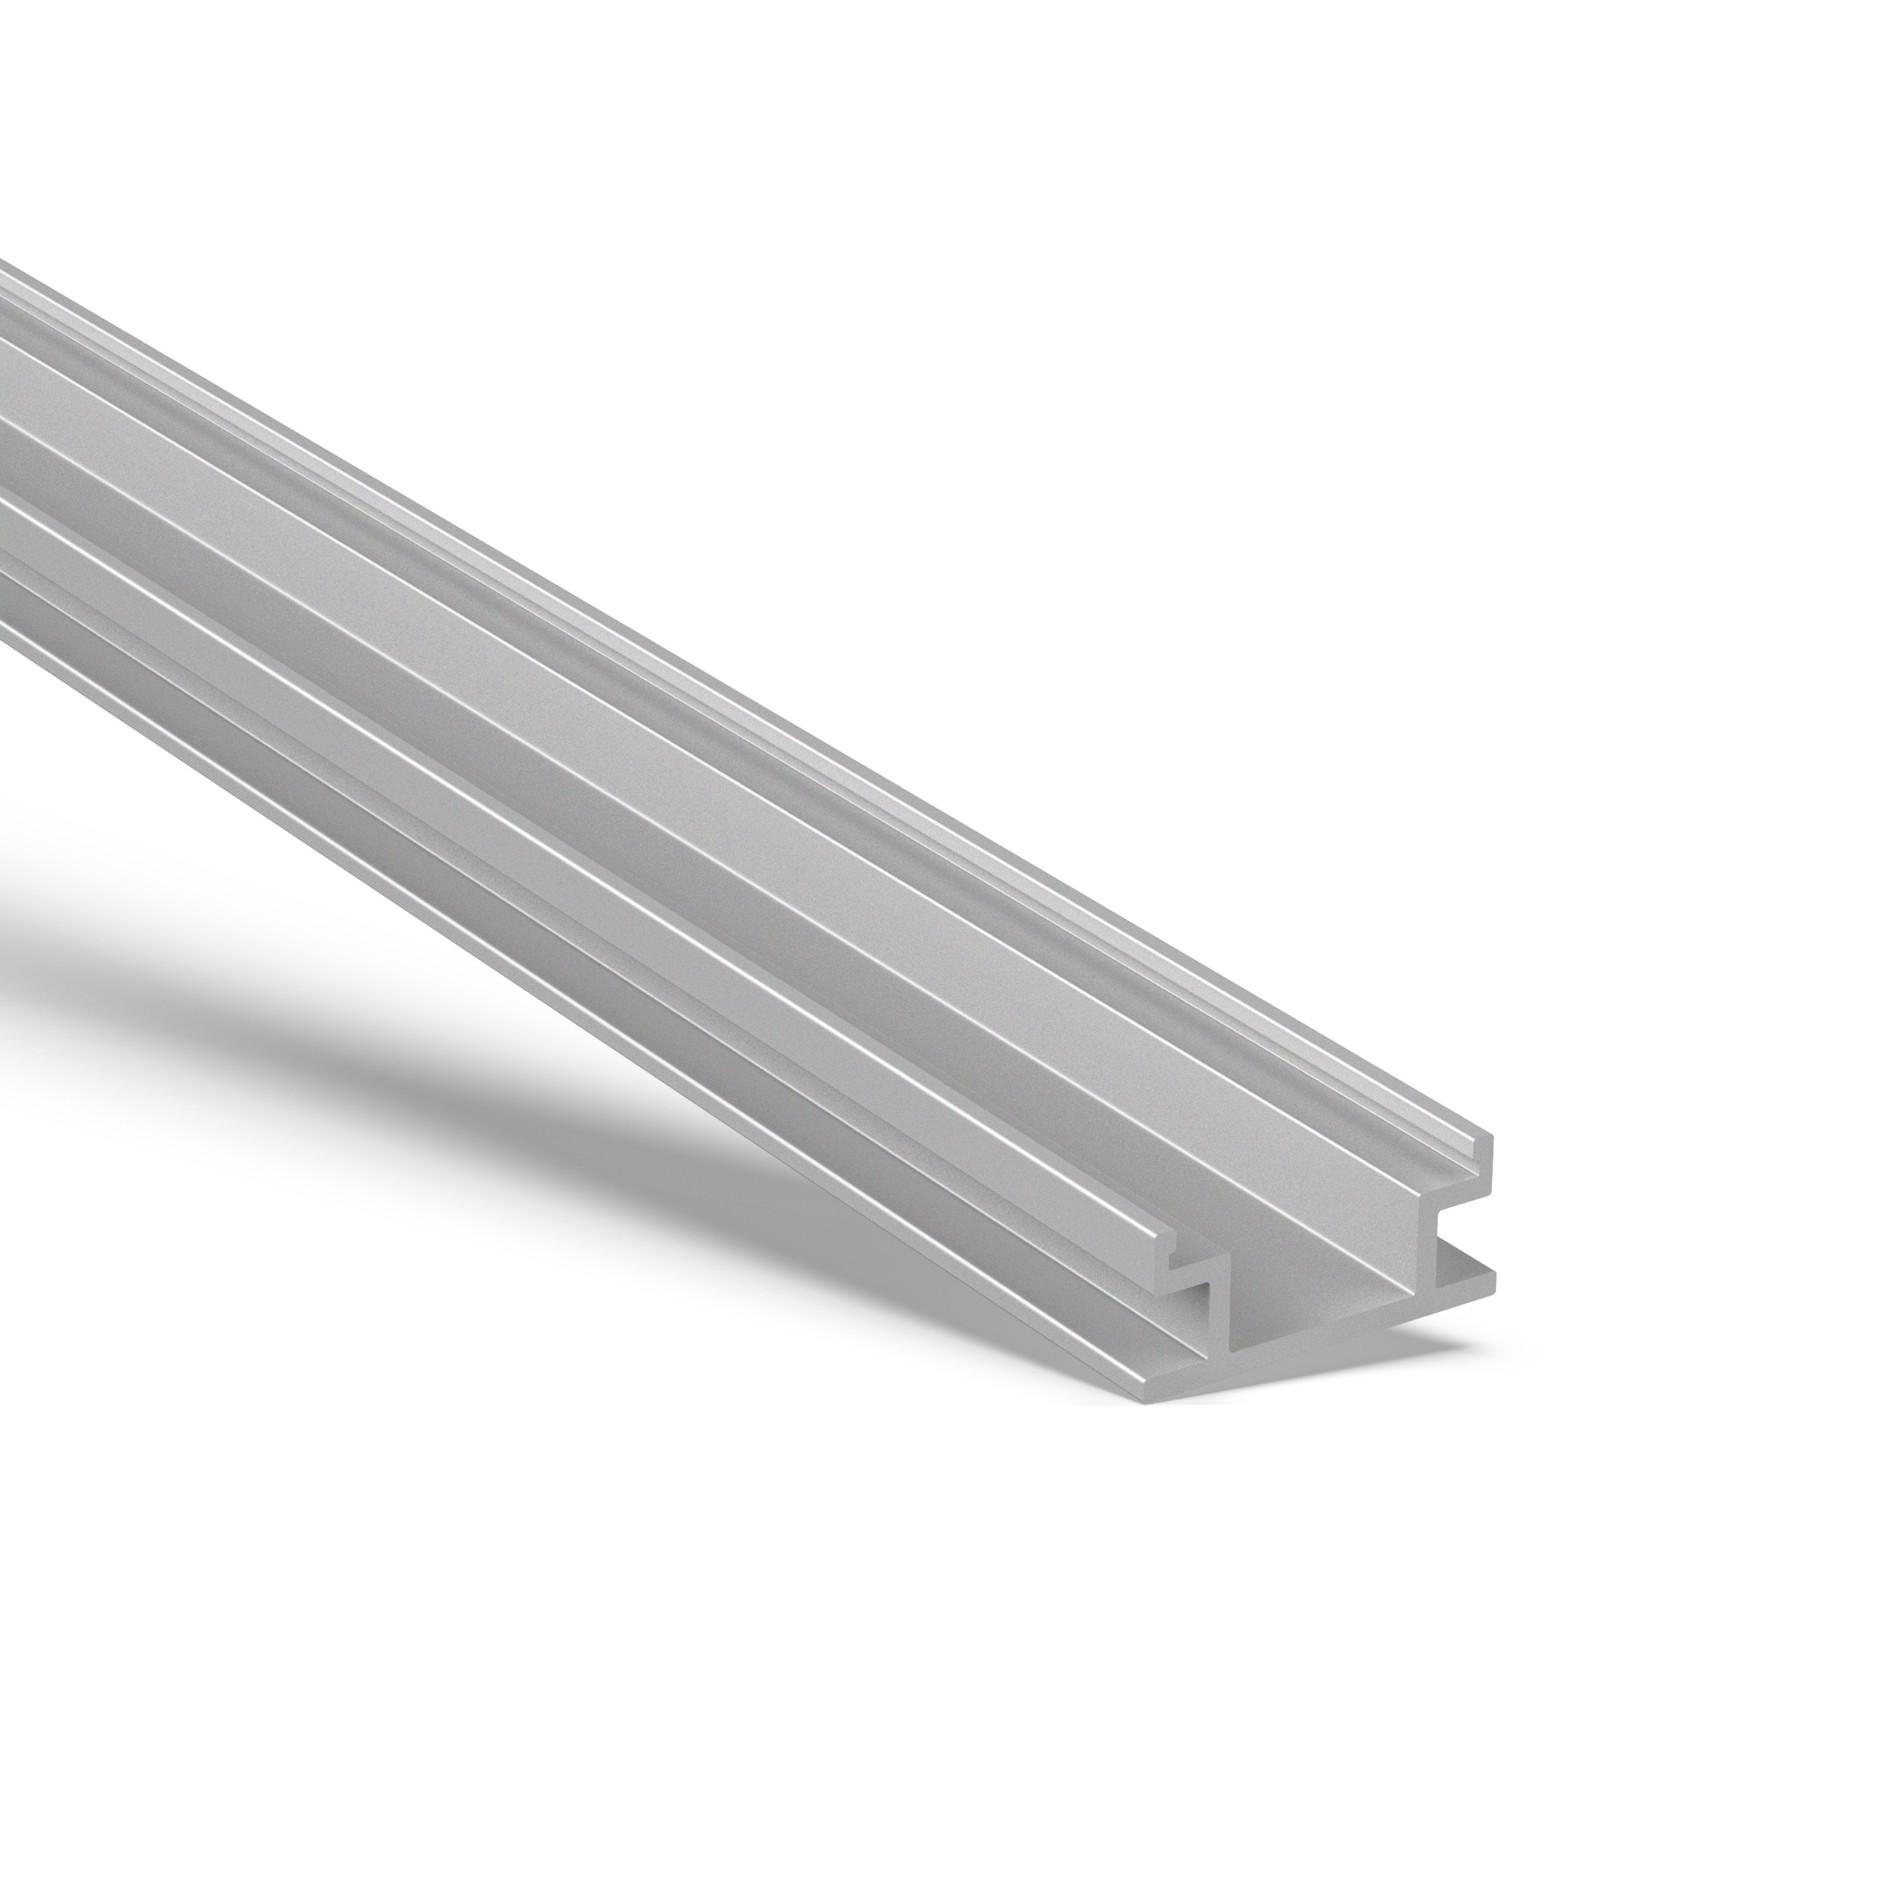 AA Floor mounted lighting fixture IP67 rated 19x8mm